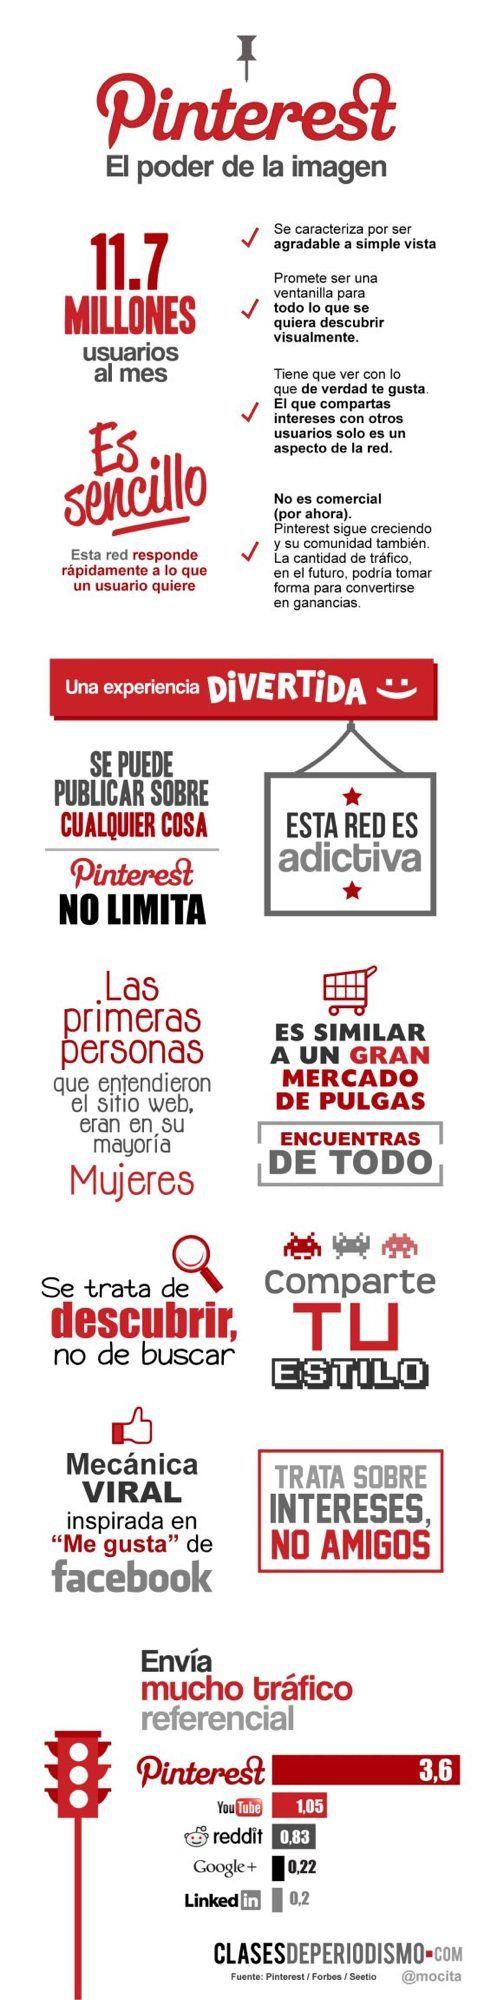 Infografia - Pinterest el poder de la imagen